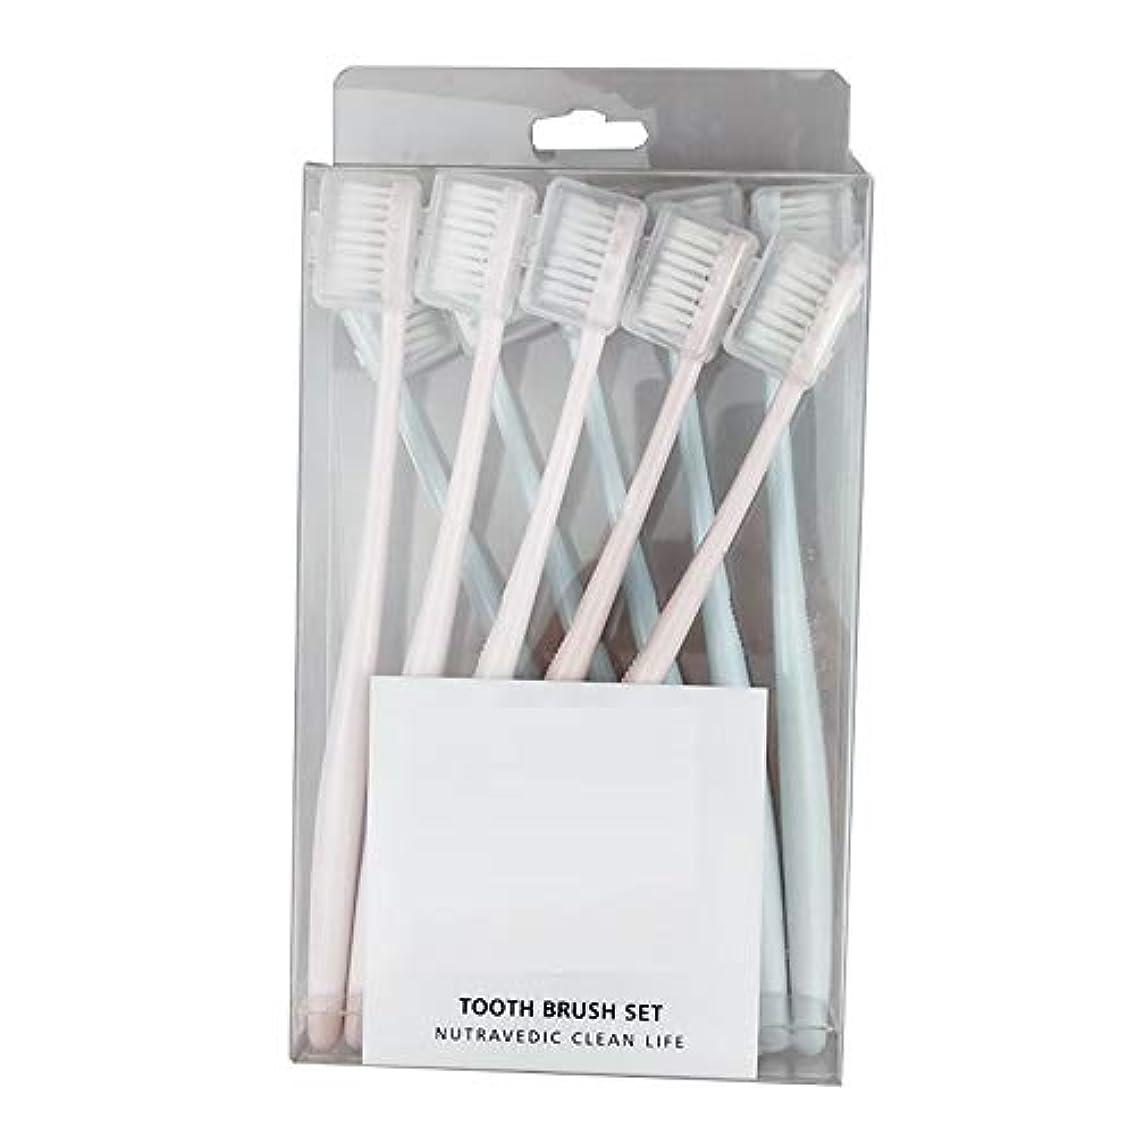 召集する猛烈な四分円歯ブラシ 竹炭歯ブラシ、アダルトソフト歯ブラシ、活性炭ホワイトニング - 使用できるスタイルの3種類 HL (サイズ : A - 10 packs)